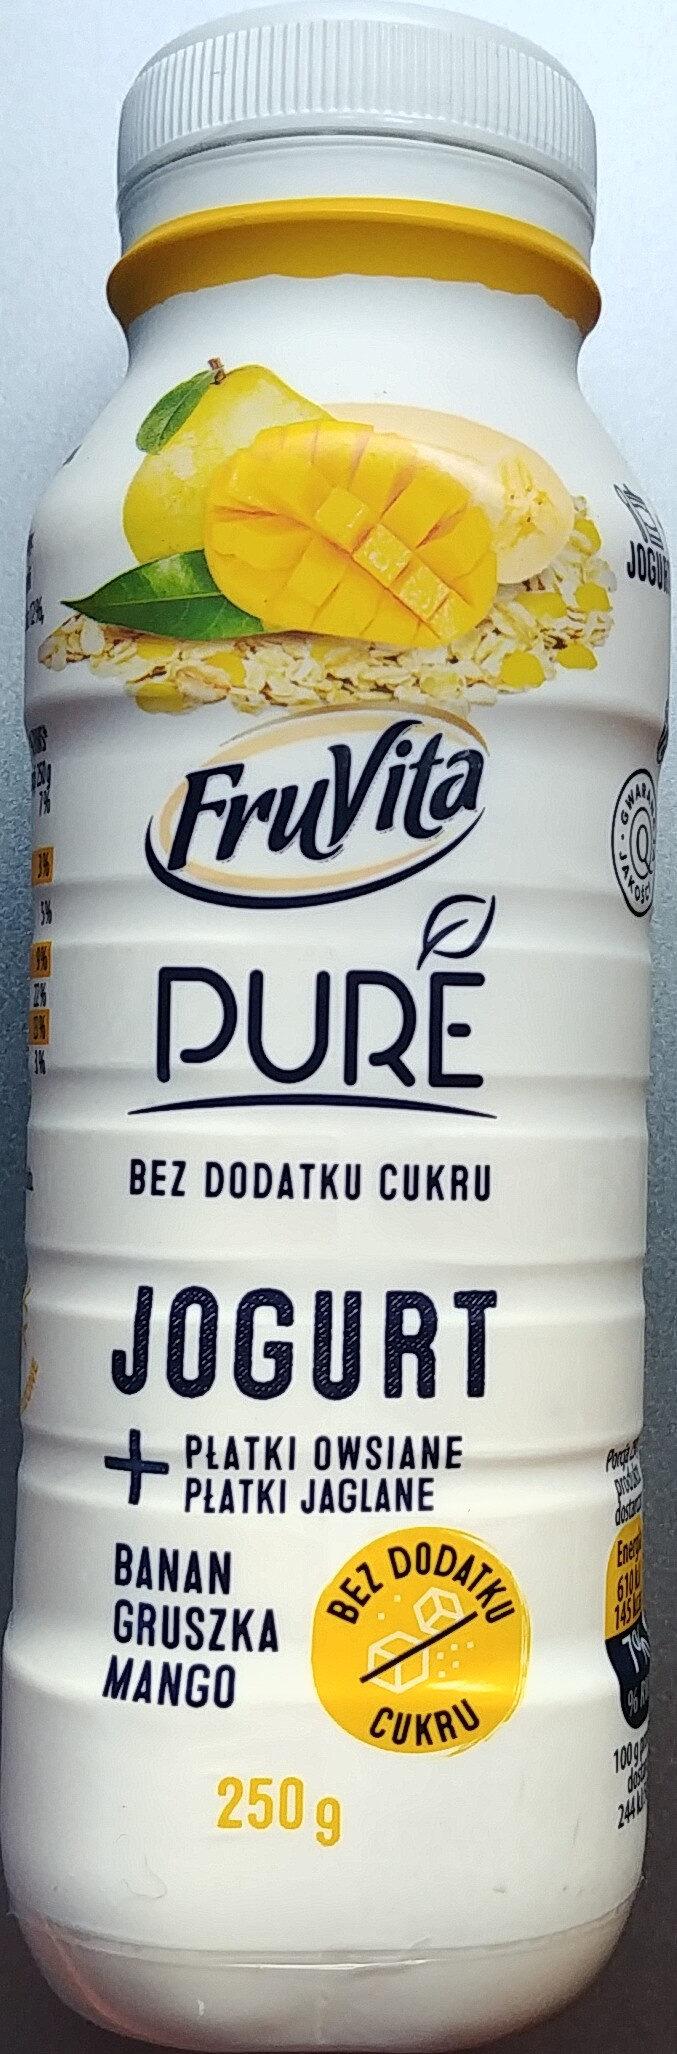 Jogurt pitny z przetartymi owocami i zmielonymi płatkami owsianymi i jaglanymi. - Produkt - pl